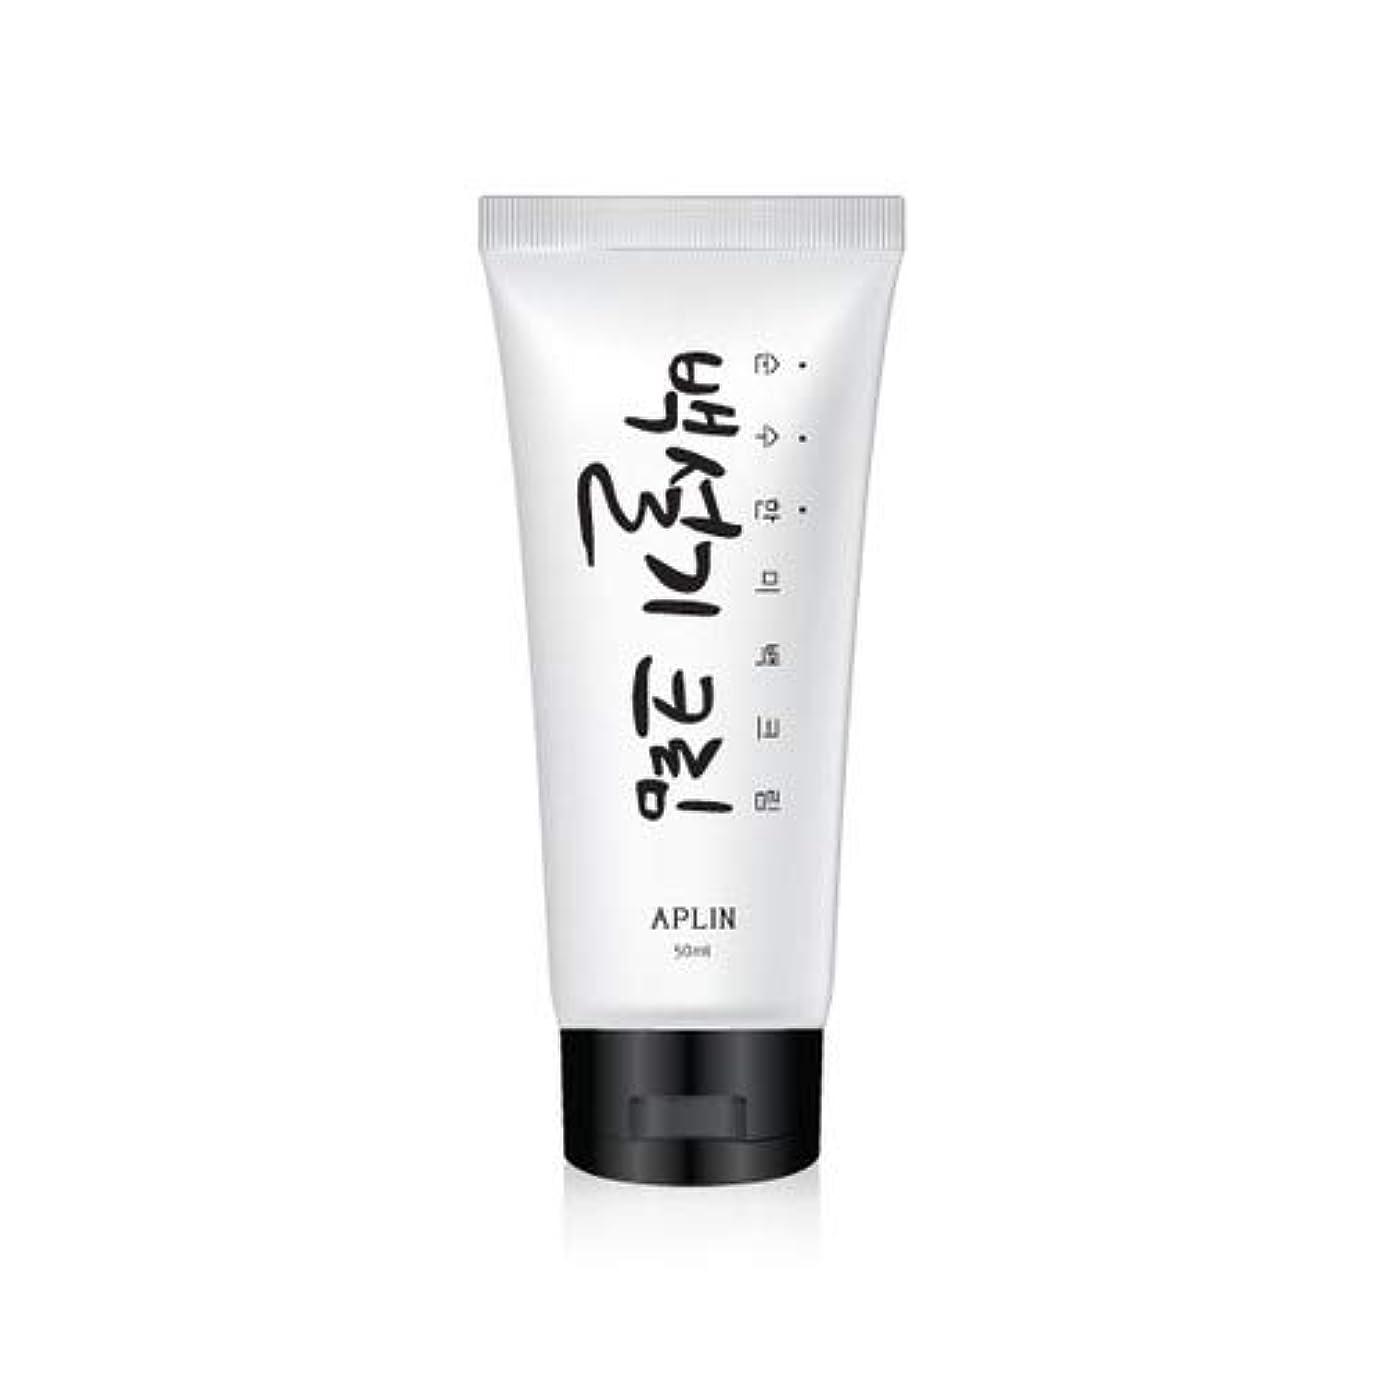 主婦記念碑的なムスタチオ[アプリン]+自然な美白クリーム+ペクソルギクリーム+50ml+1個(トーン アップ クリーム,美白,美肌 スキンケア,肌 くすみ,白い顔,オルチャンメイク,韓国コスメ,化粧下地,下地クリーム)